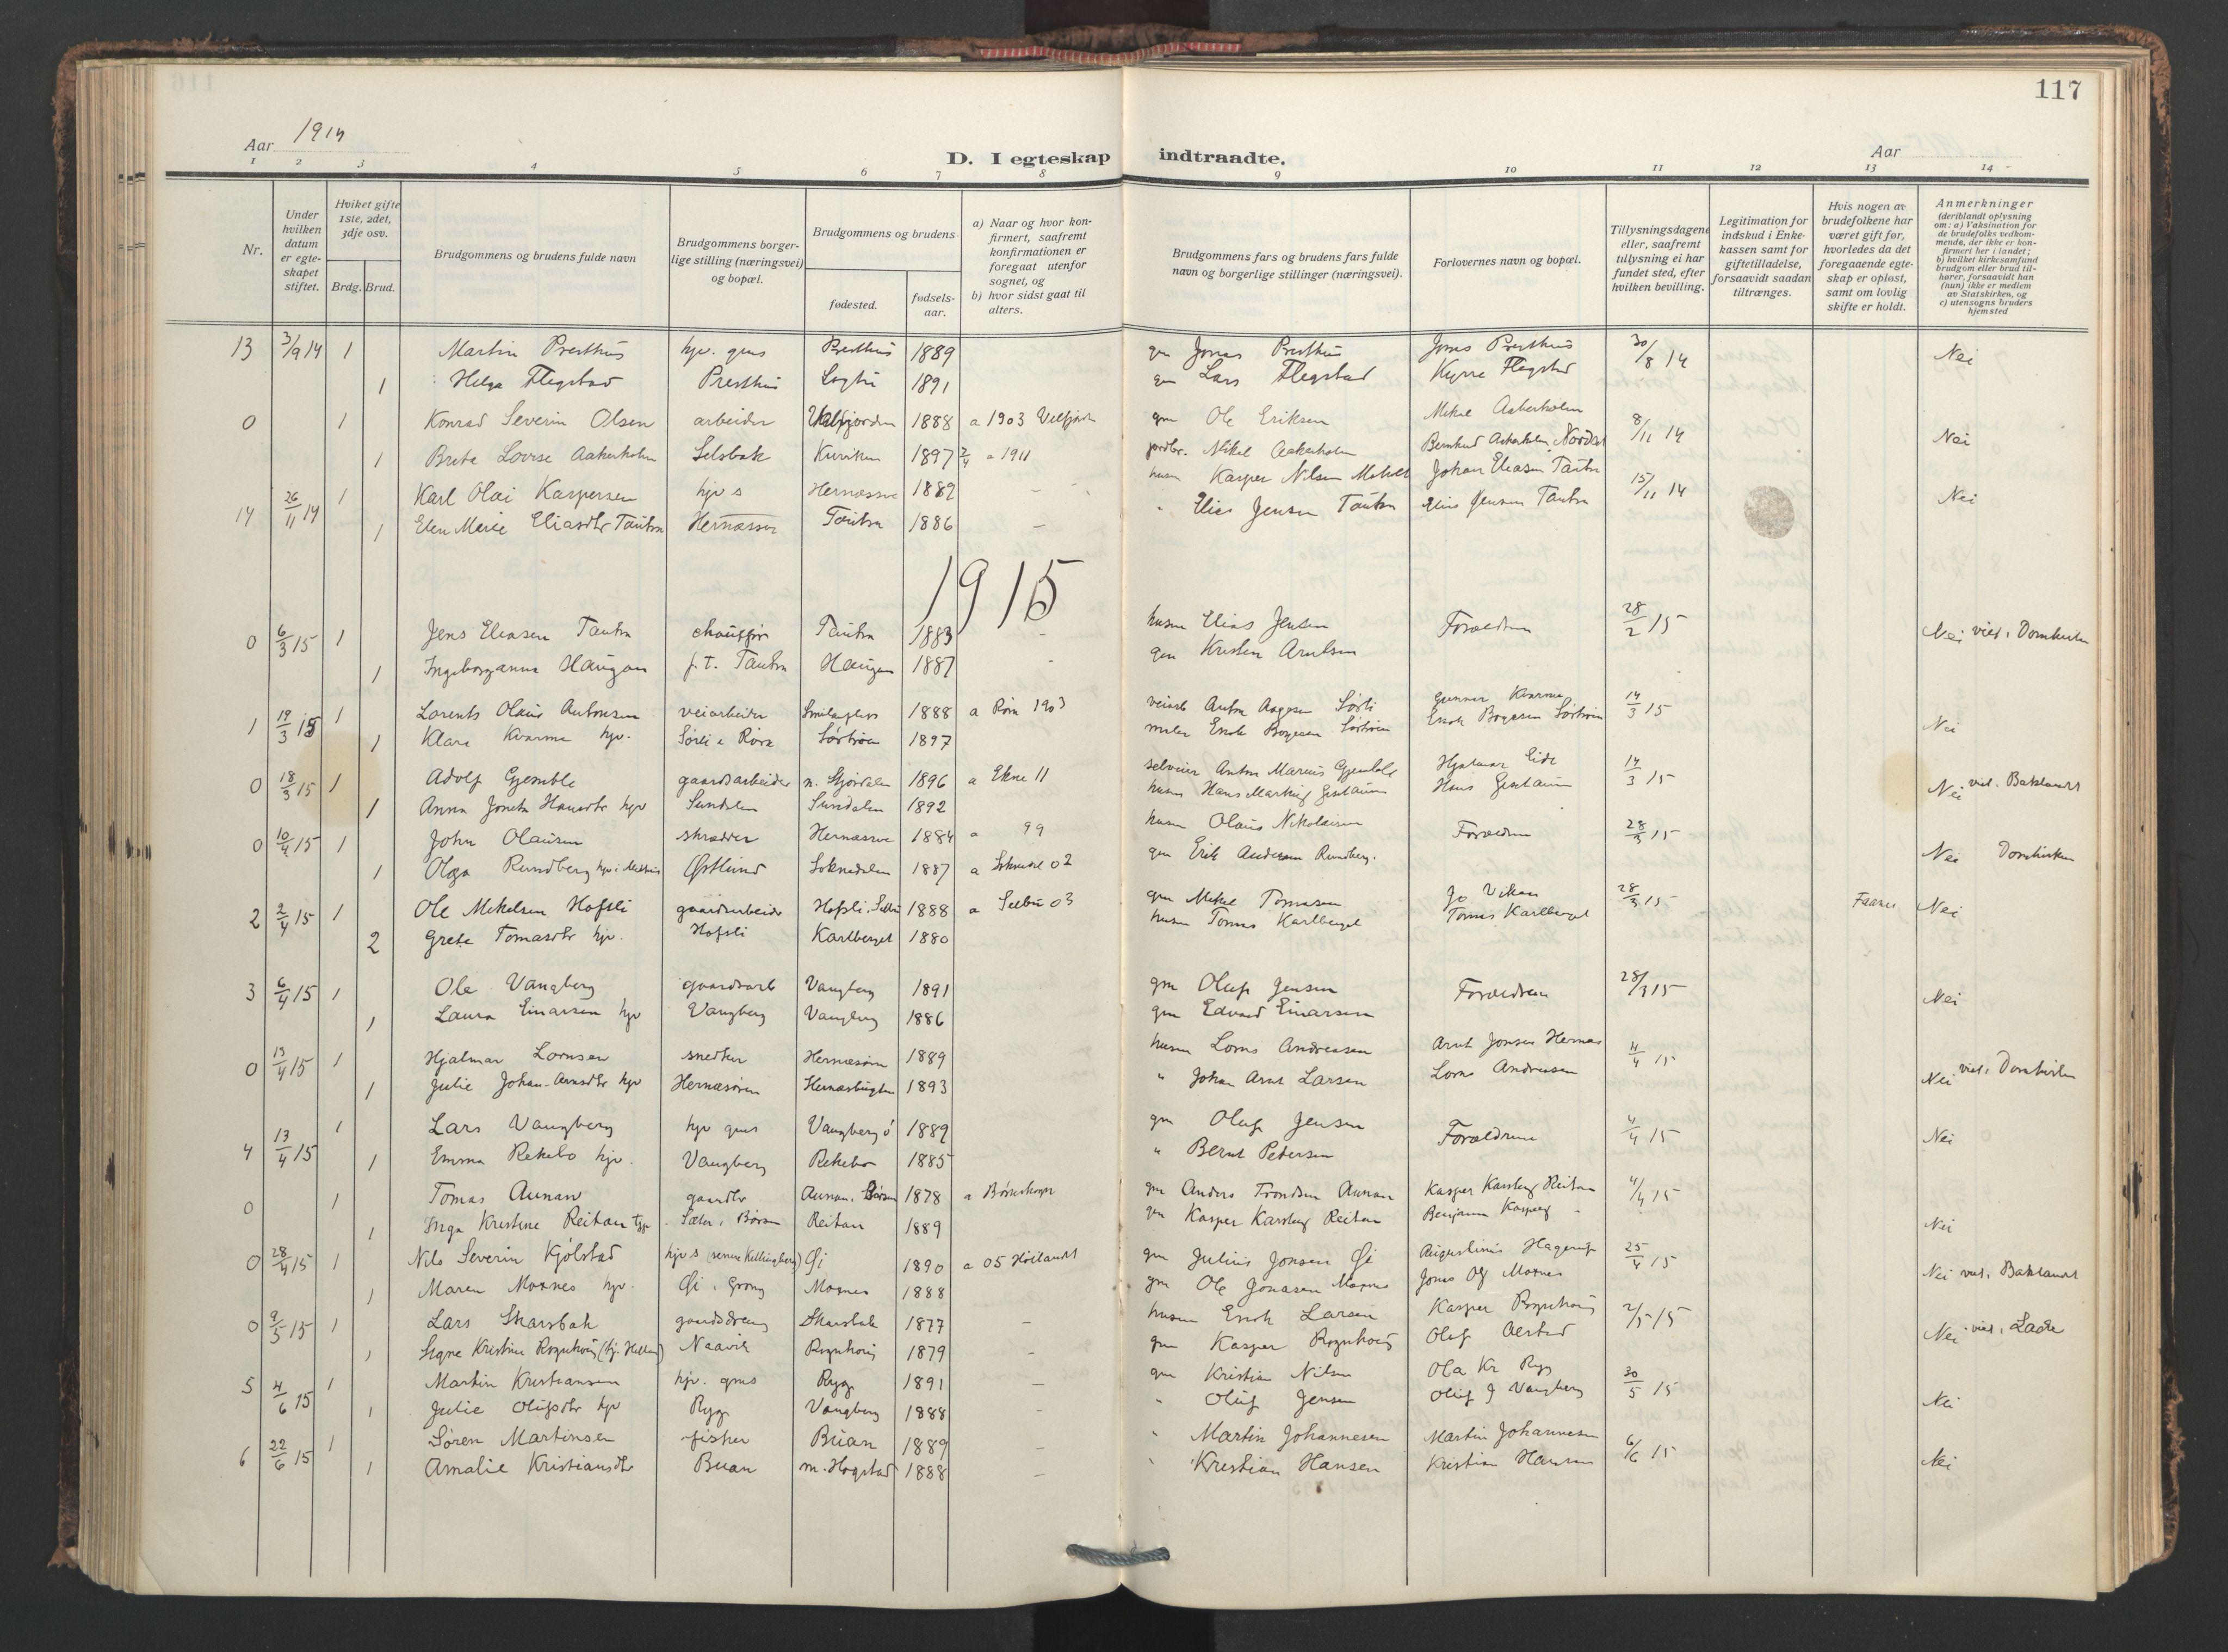 SAT, Ministerialprotokoller, klokkerbøker og fødselsregistre - Nord-Trøndelag, 713/L0123: Ministerialbok nr. 713A12, 1911-1925, s. 117